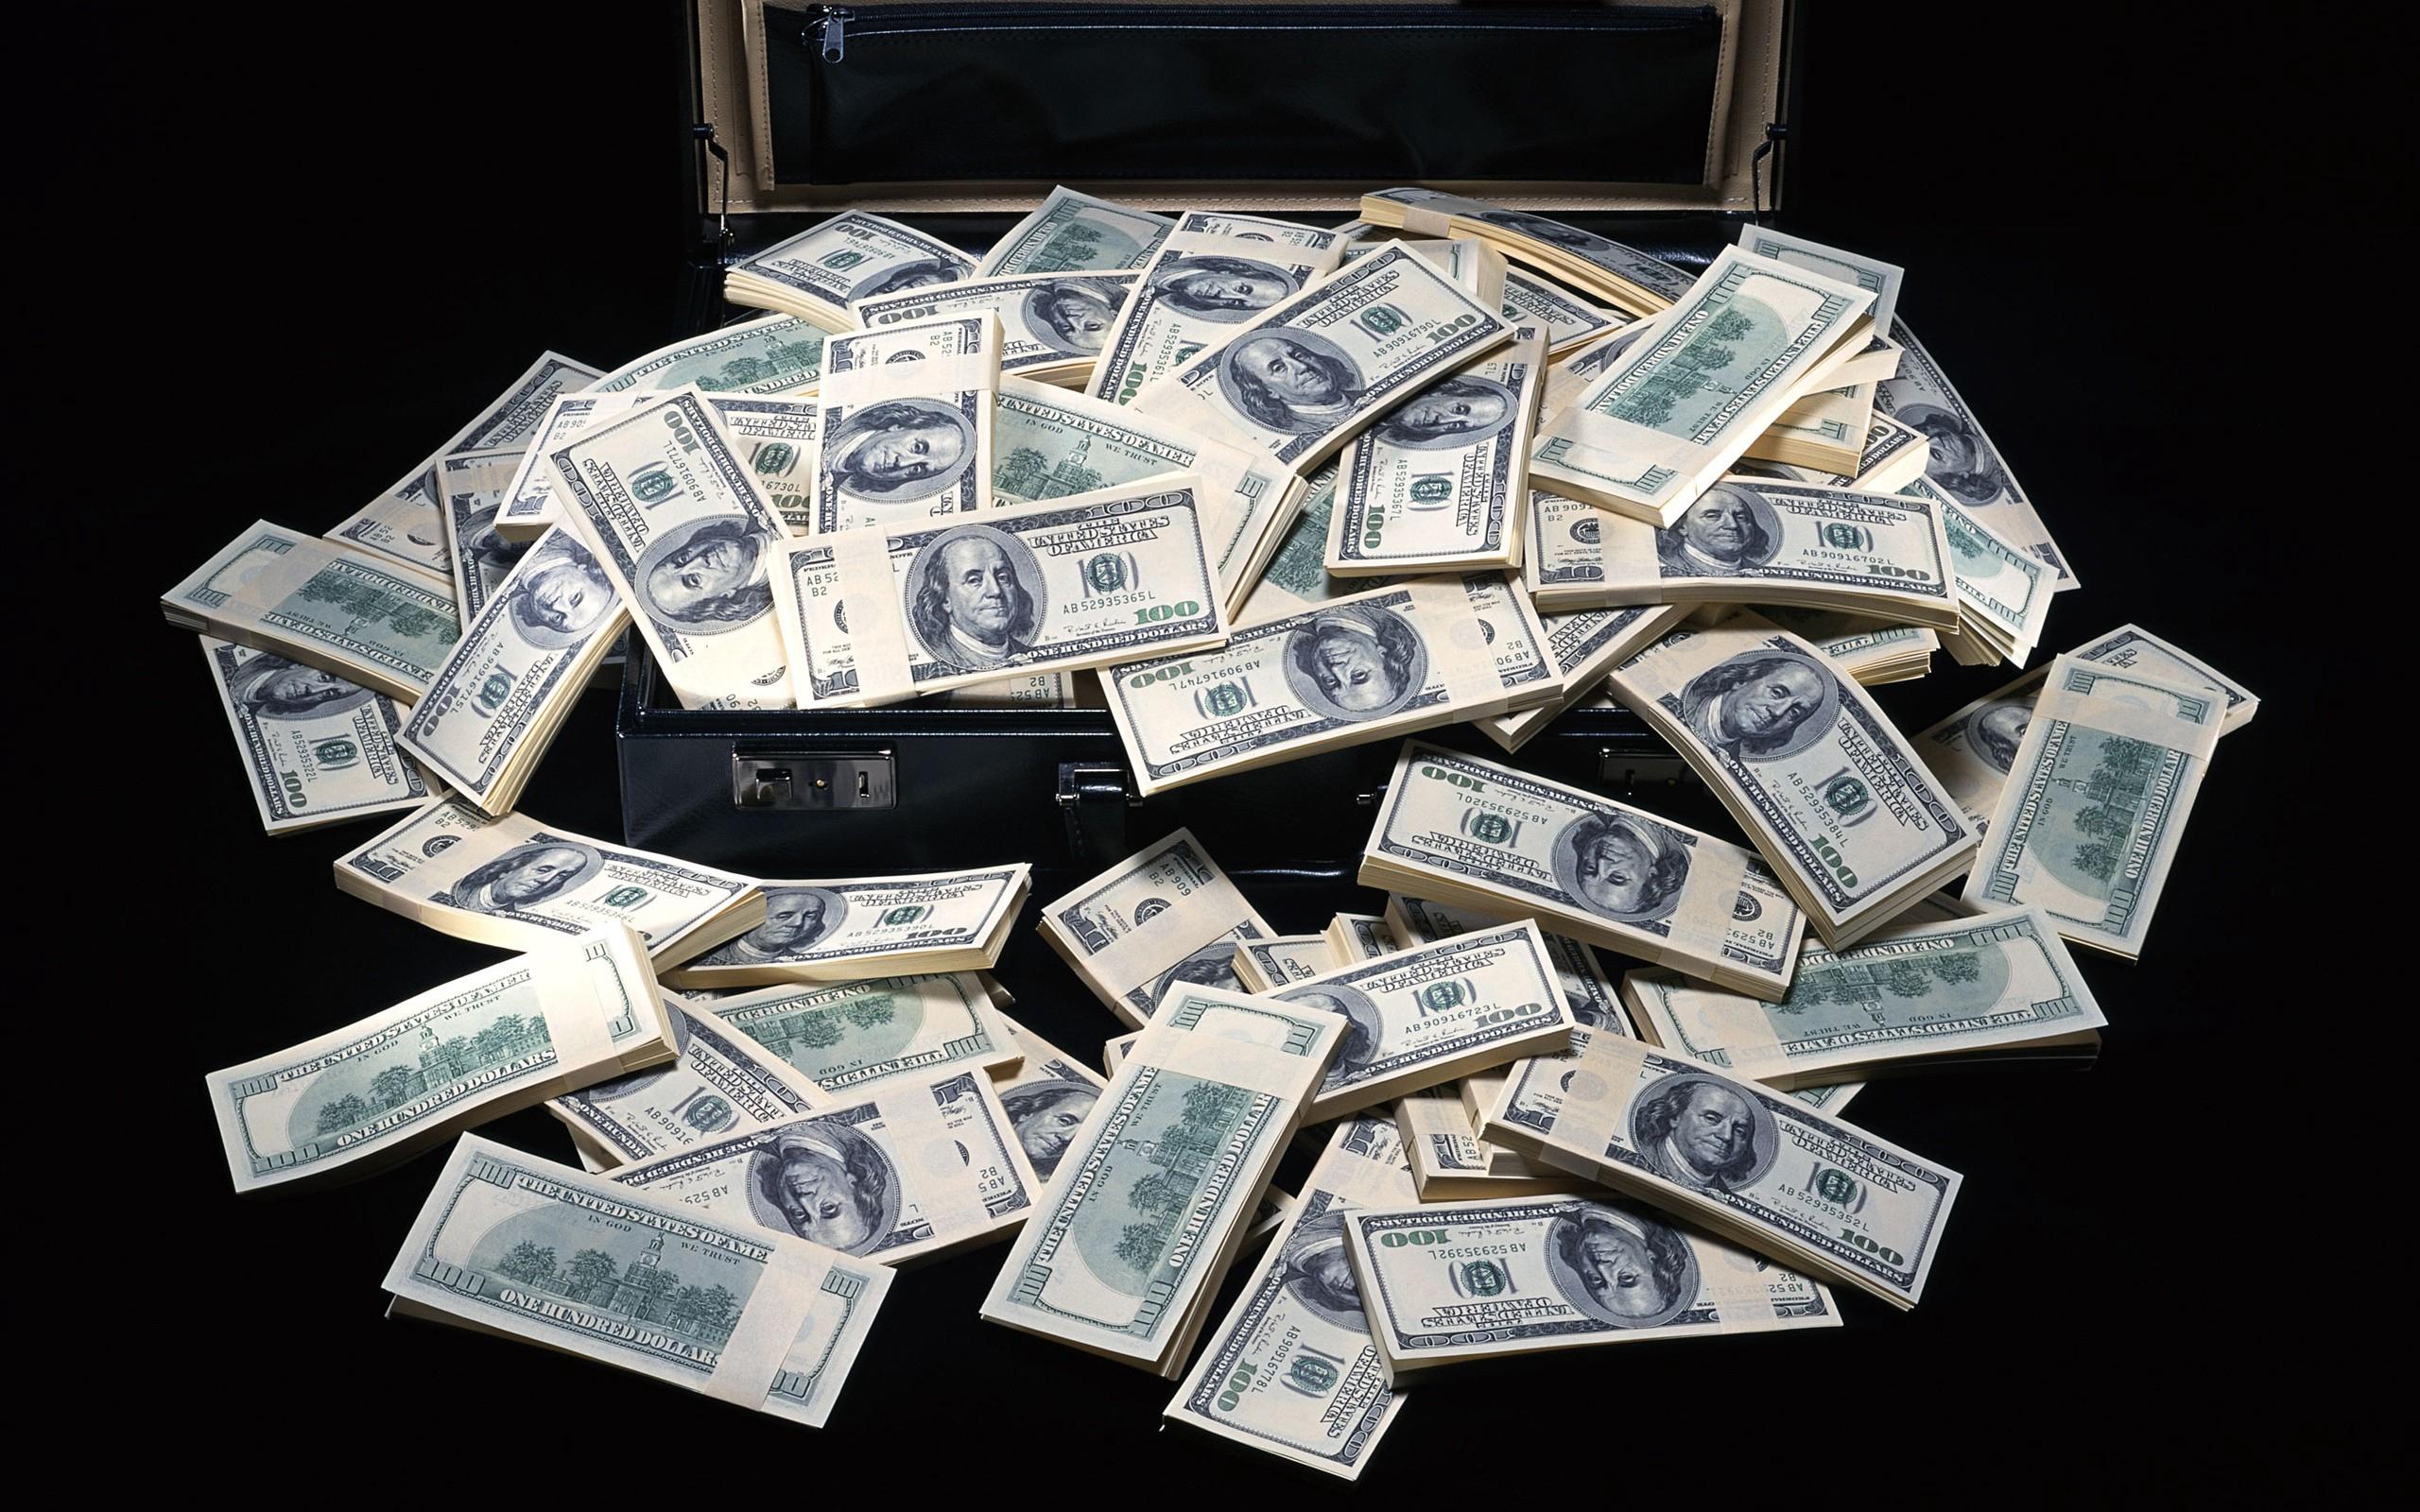 87599 papel de parede 1440x2560 em seu telefone gratuitamente, baixe imagens Dinheiro, Miscelânea, Variado, Contas, Dólares, Notas De Banco, Caso 1440x2560 em seu celular